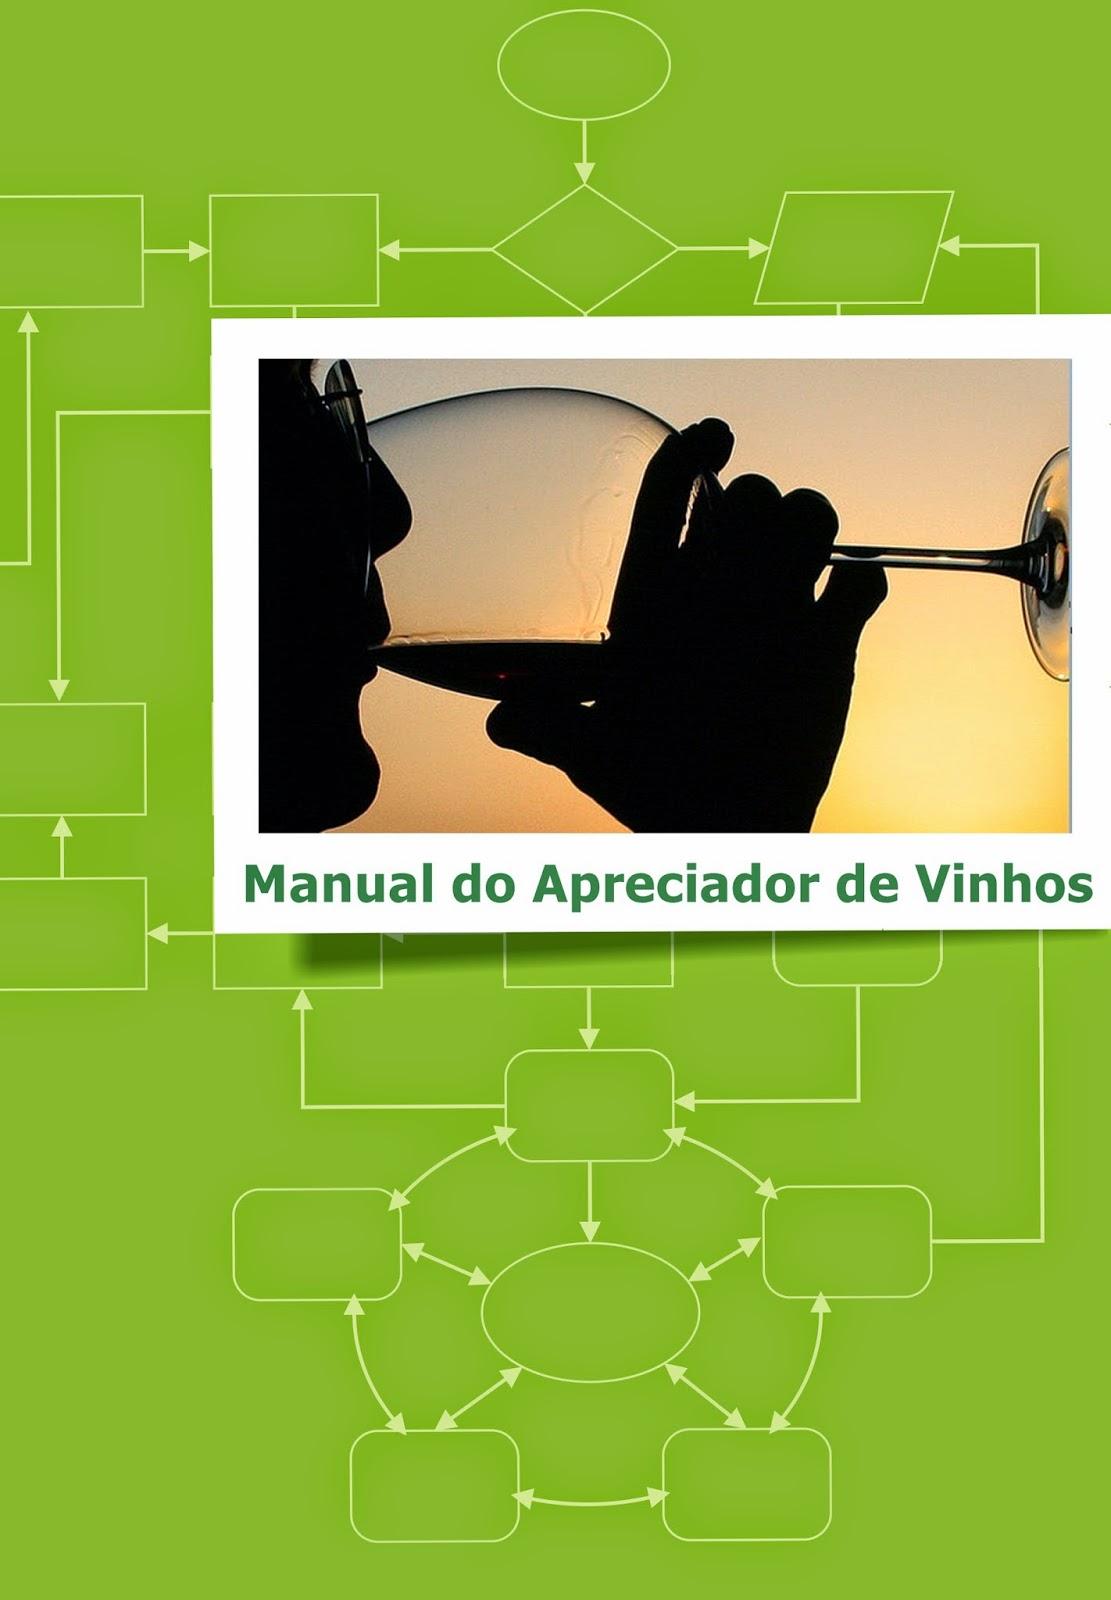 Manual do Apreciador de Vinhos, por DocesCIA